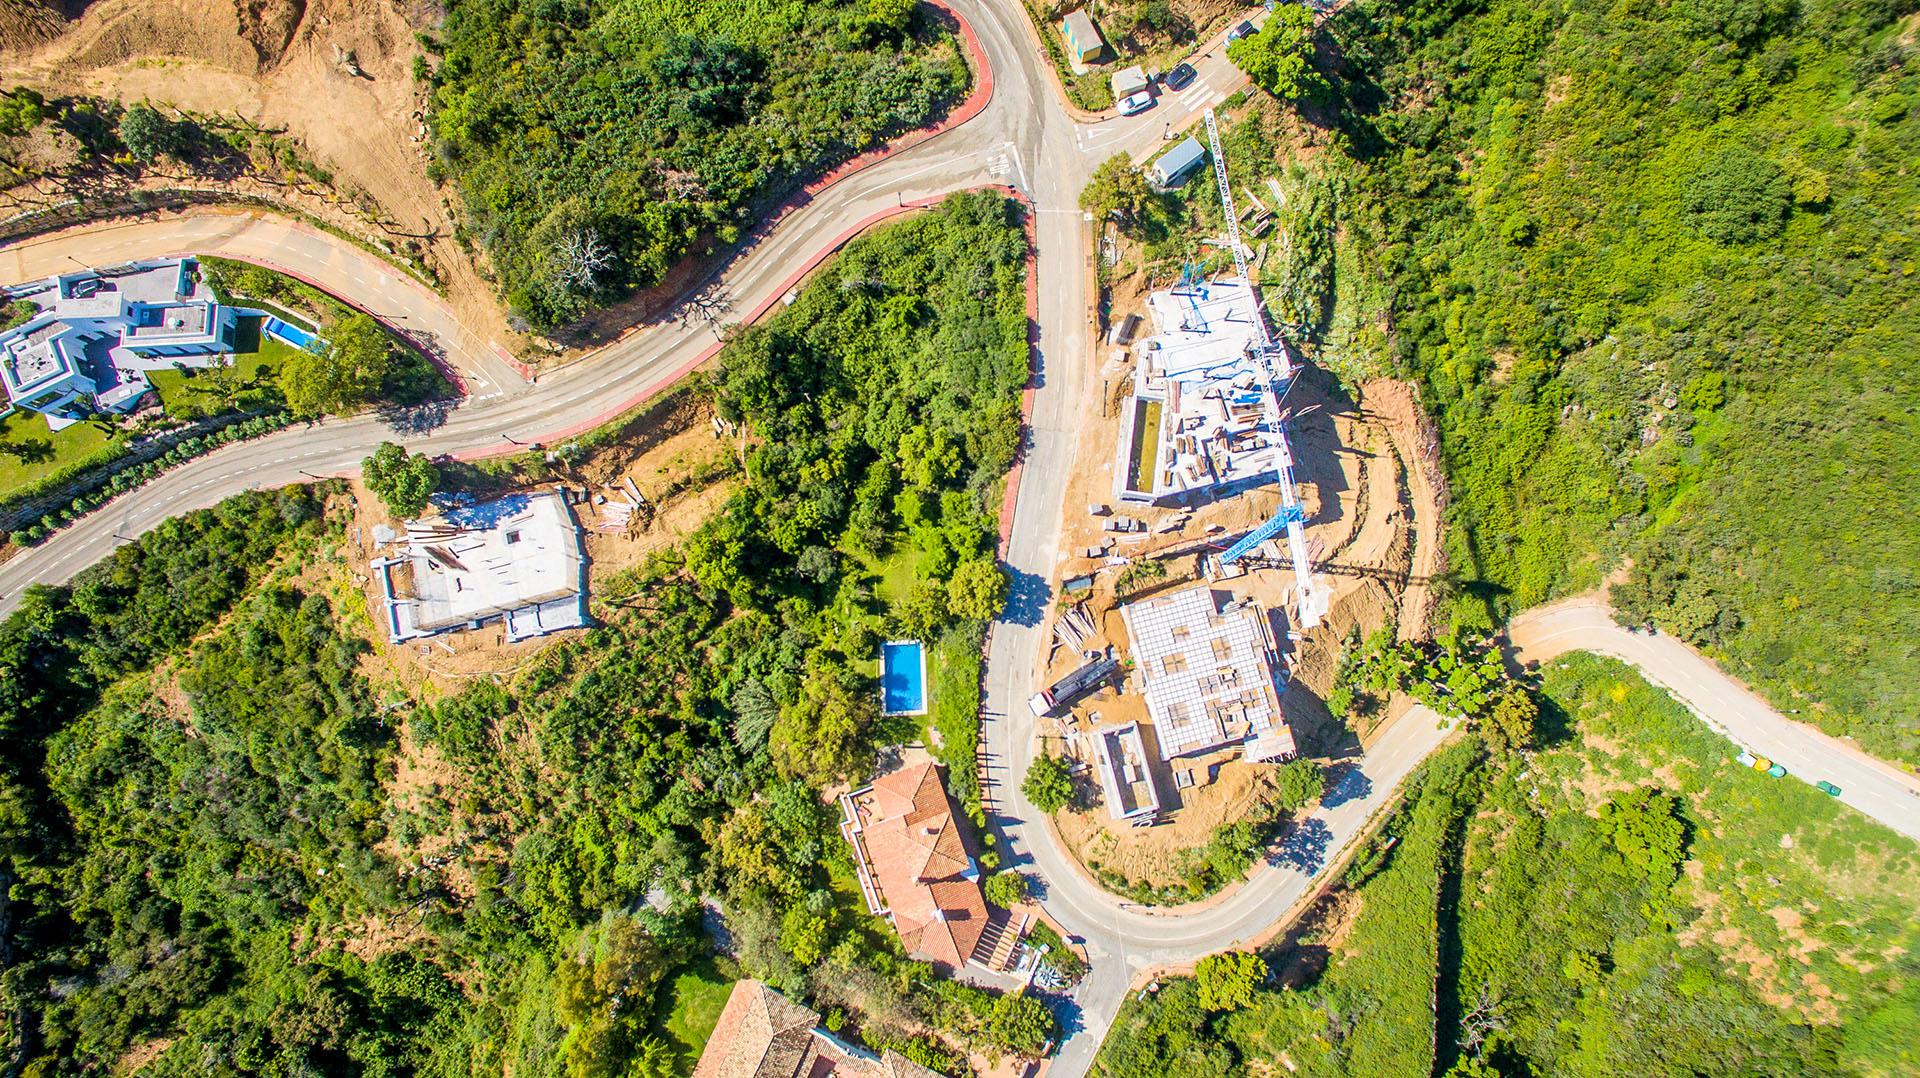 Villa La Mairena 7-B: Villa te koop met indrukwekkend uitzicht te Mairena